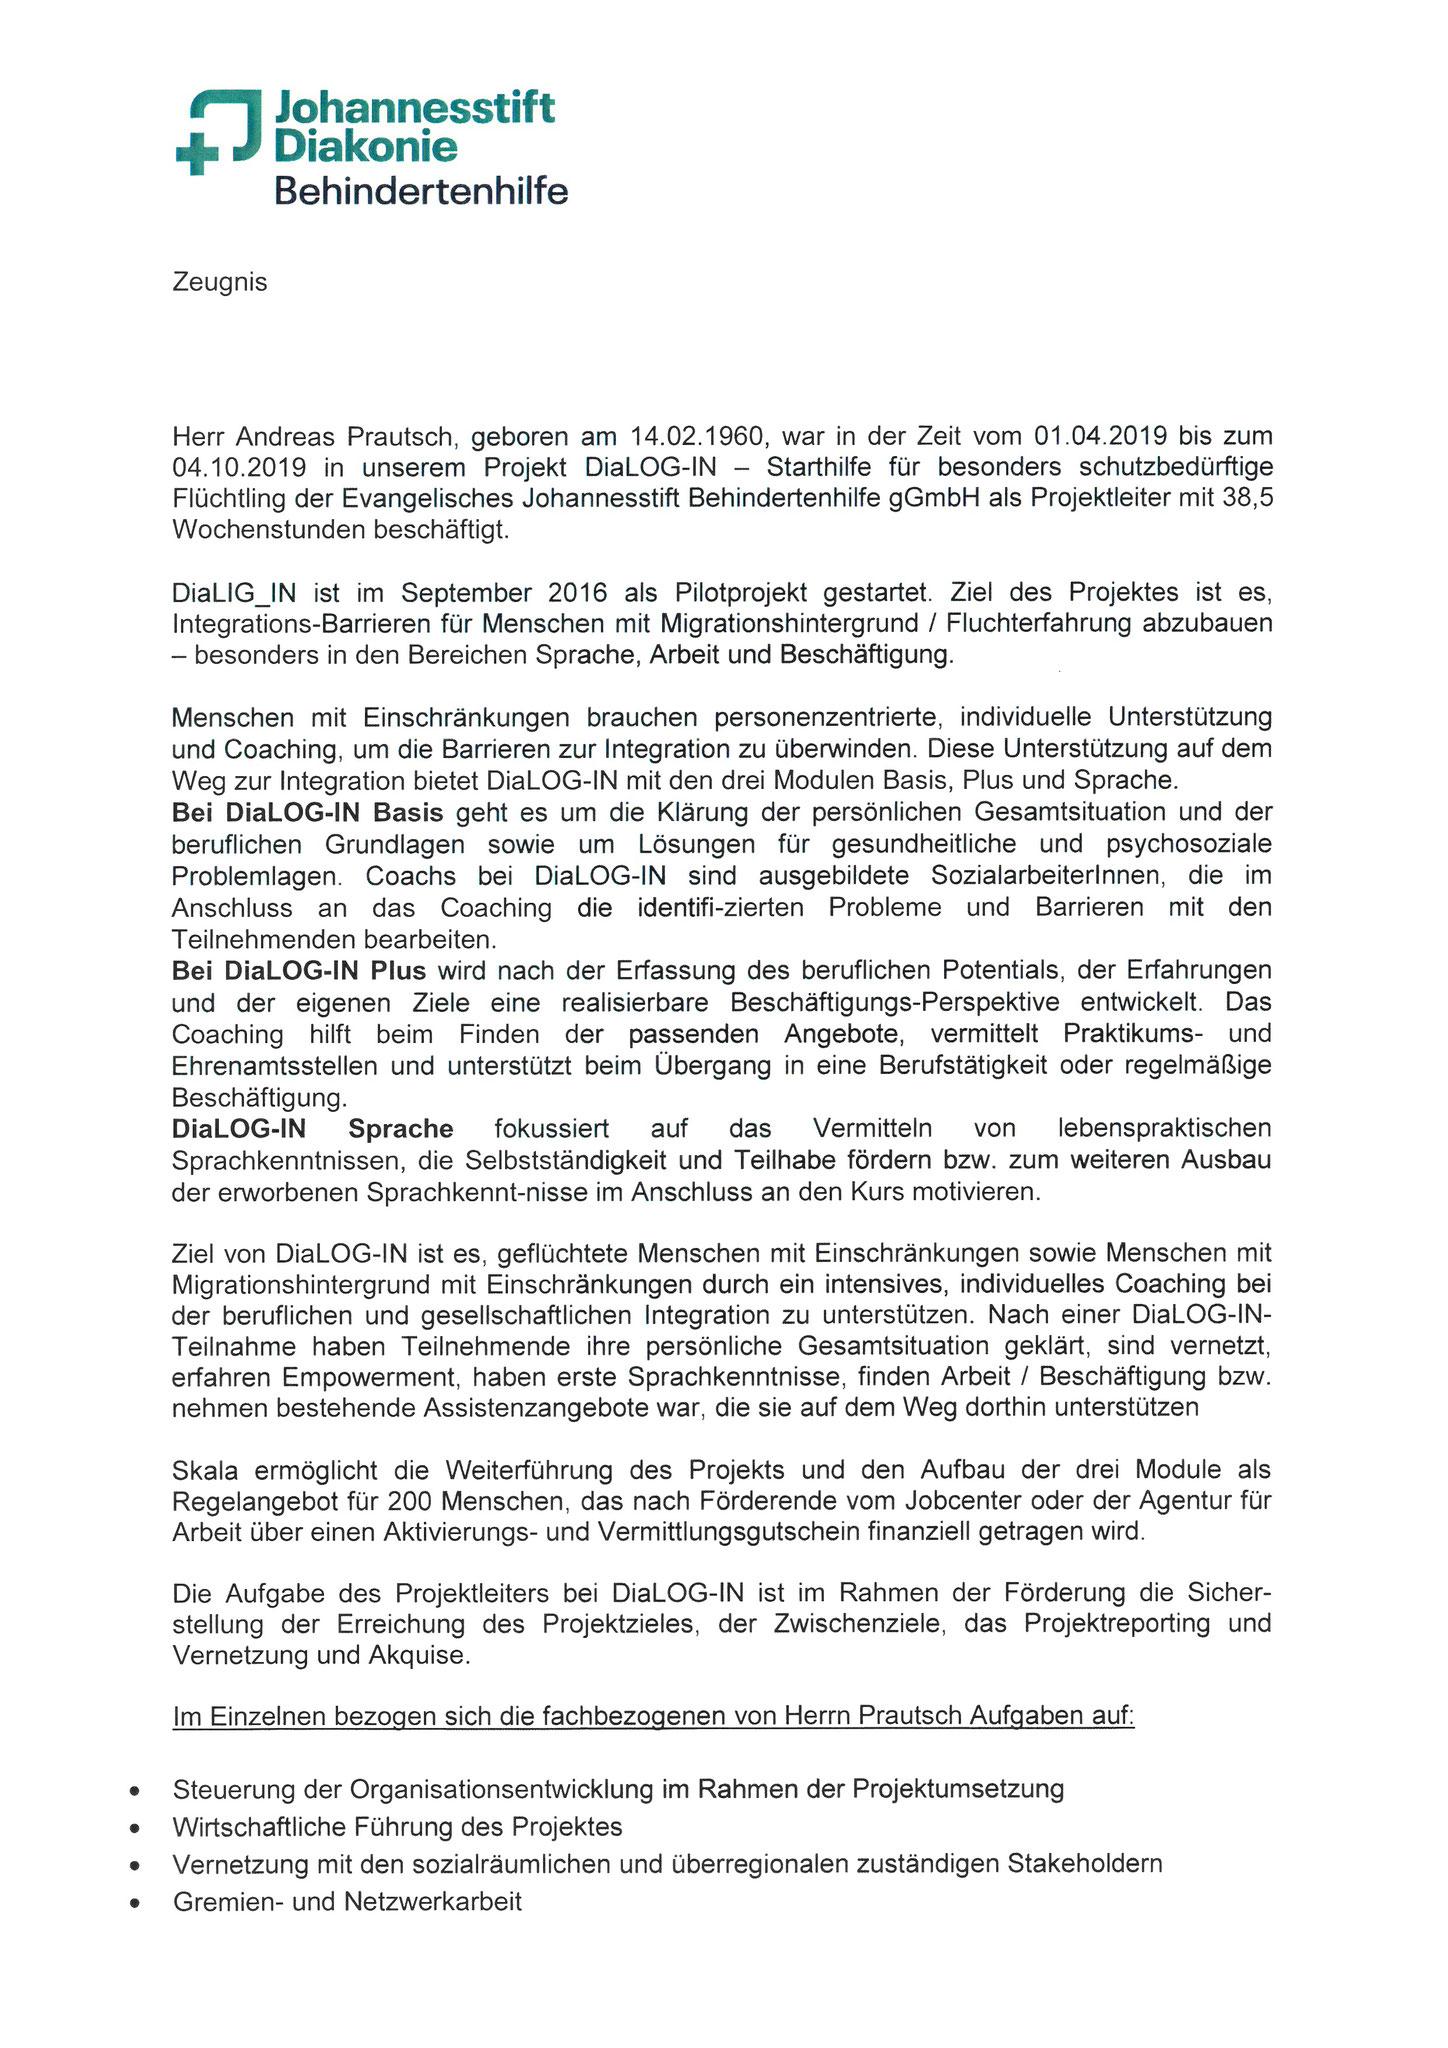 Zeugnis Evangelisches Johannesstift Diakonie_Seite 1 - 2019